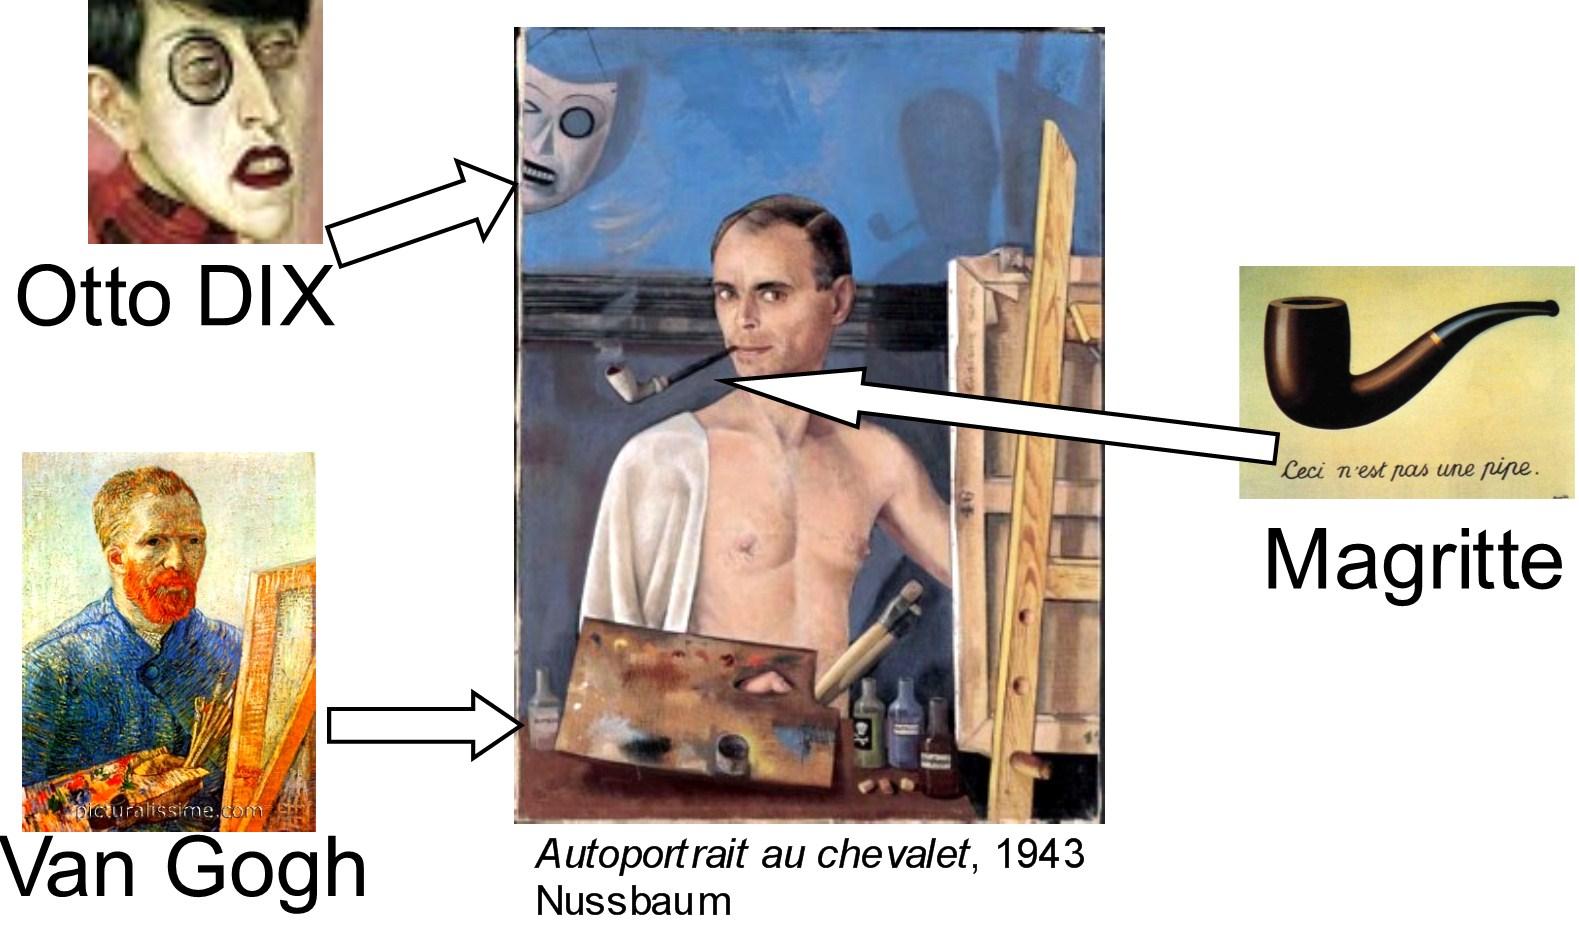 100% de satisfaction acheter populaire Bons prix histoire-d-arts: NUSSBAUM, autoportrait 1943